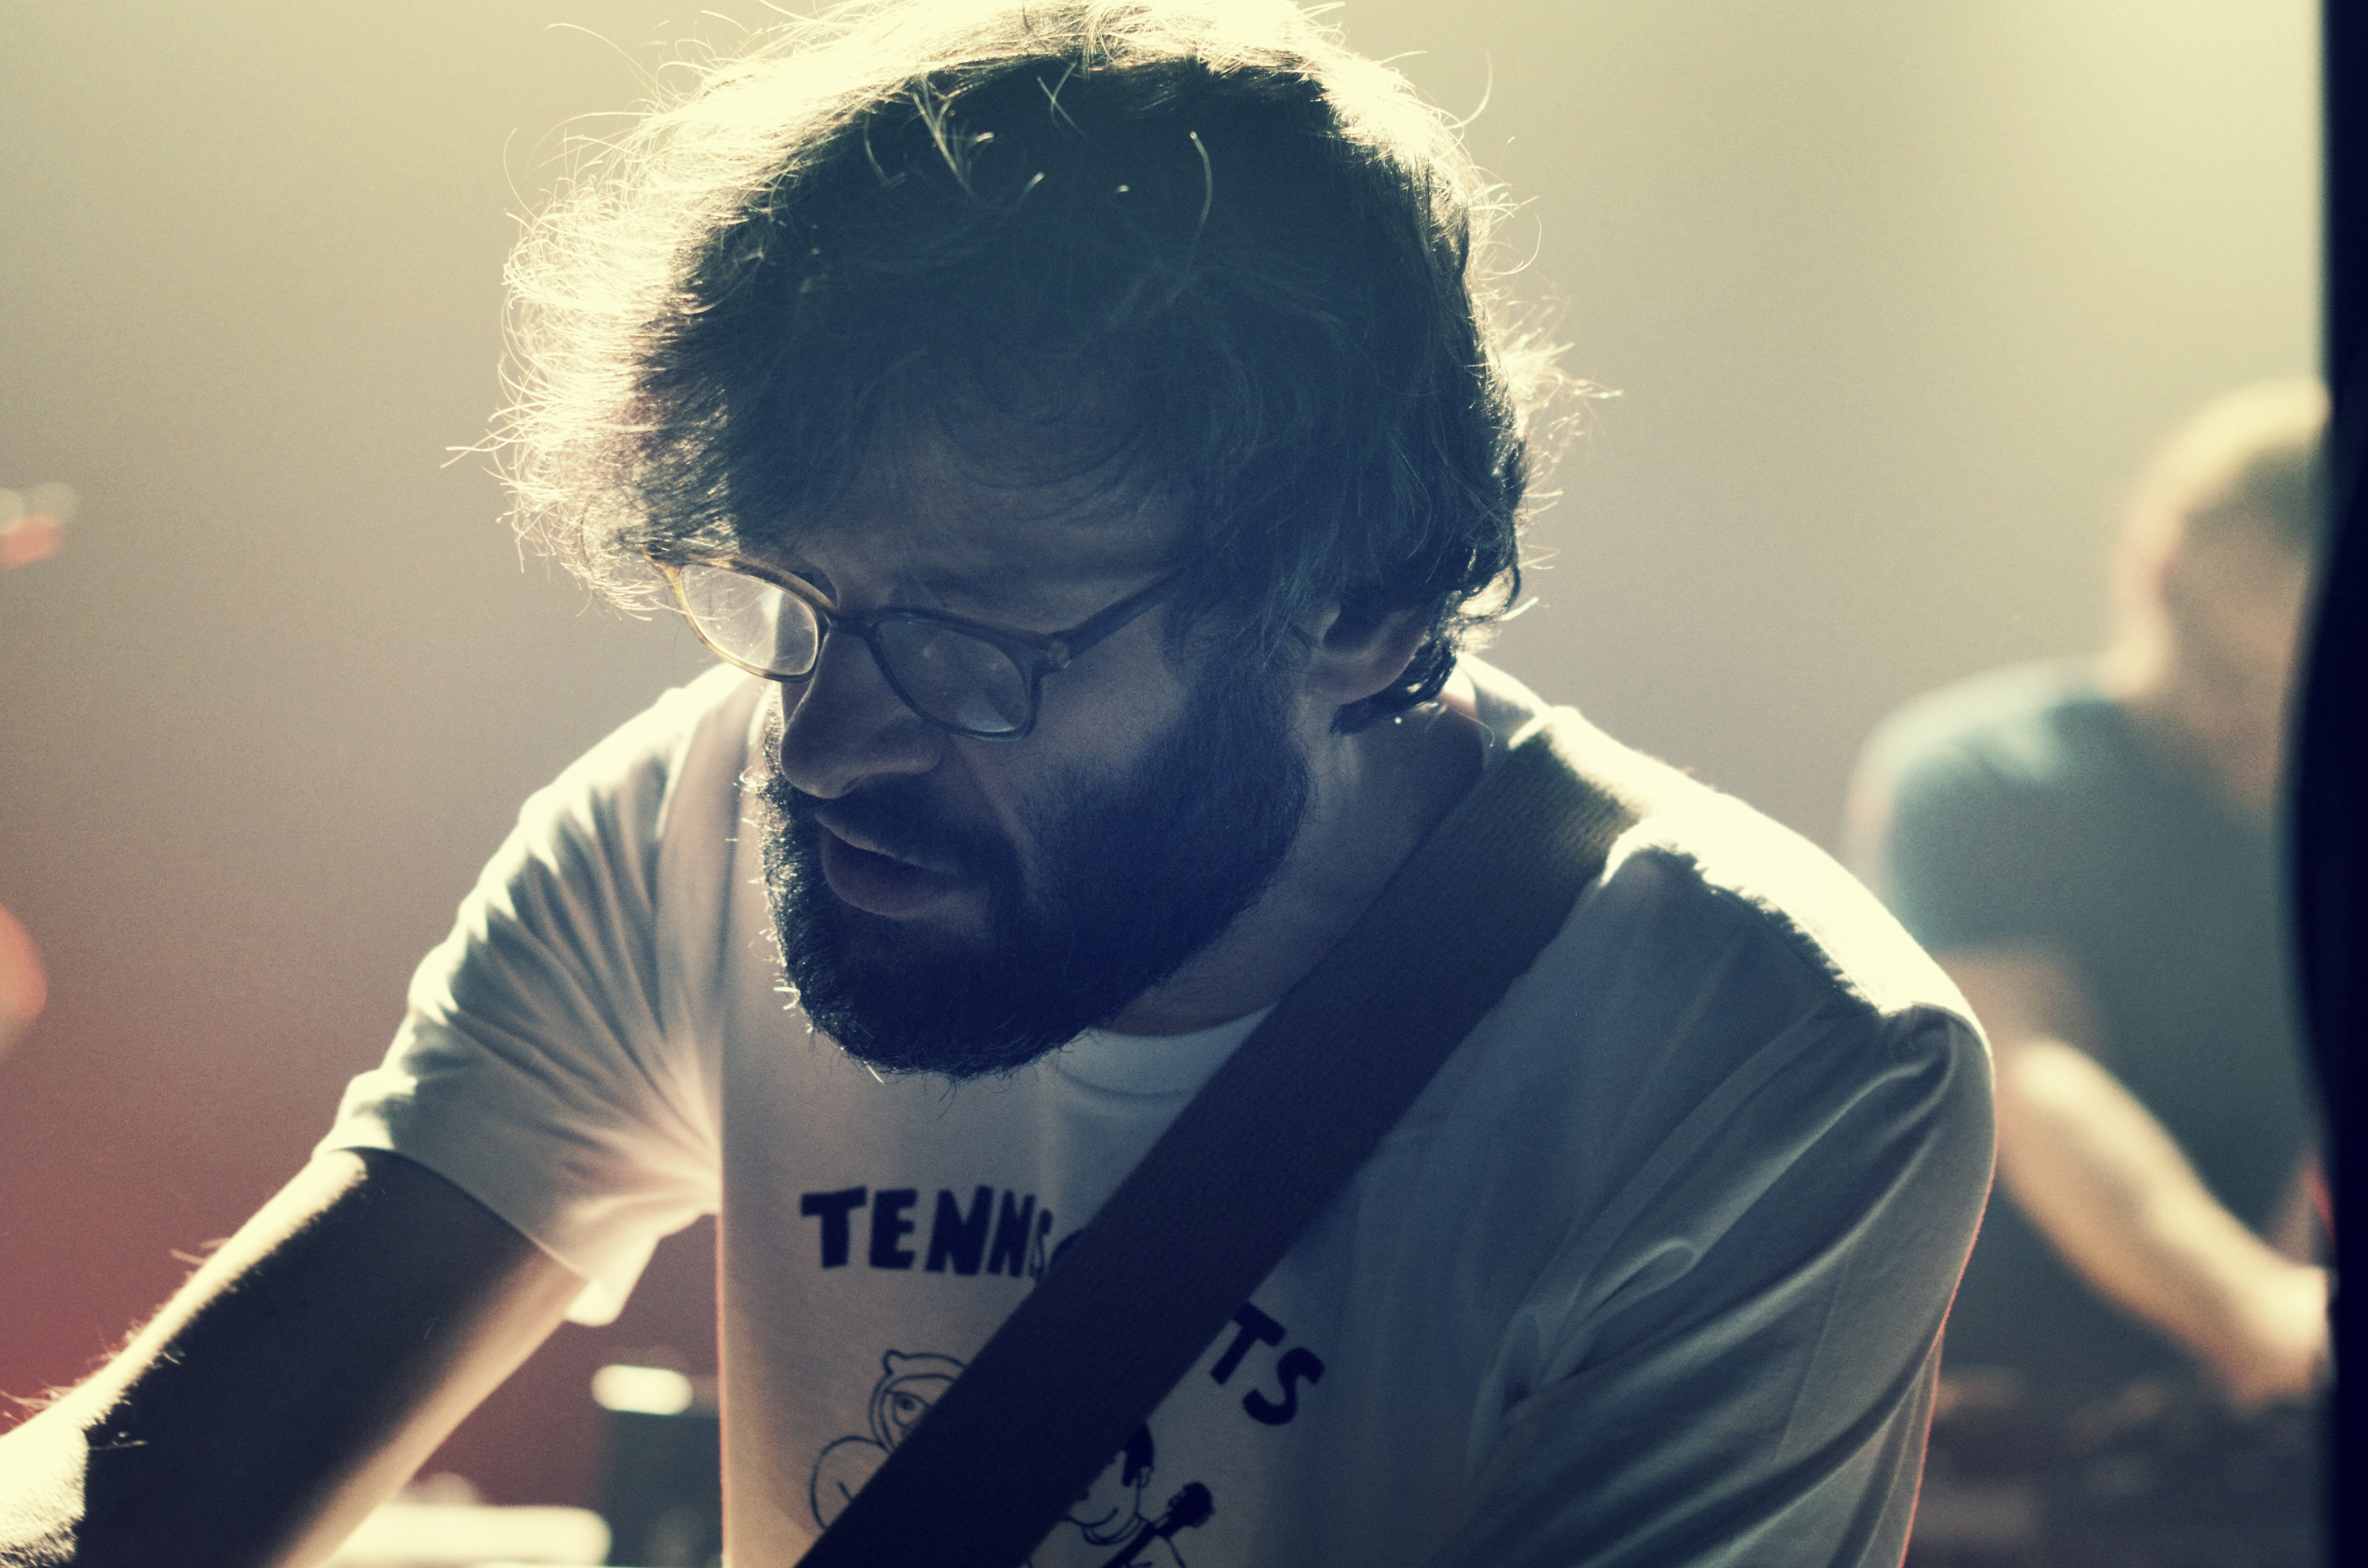 Markus_Archer-MUSICIEN DE THE NOTWIST